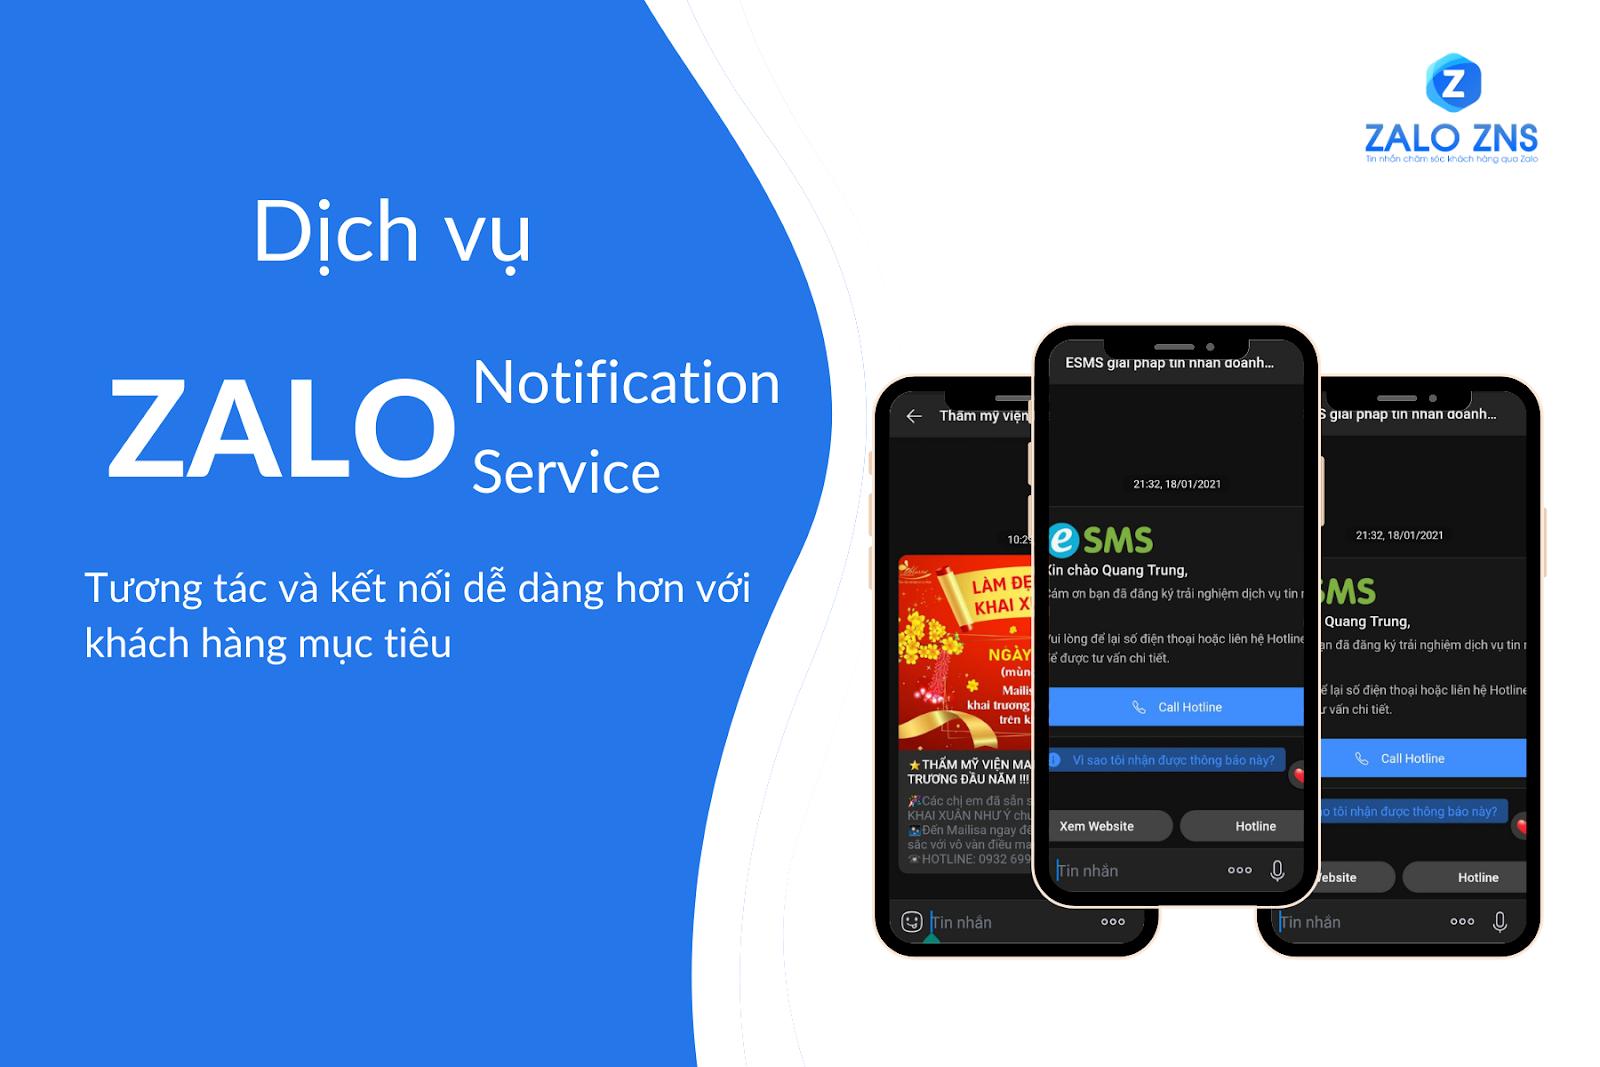 Zalo ZNS - Xu hướng Marketing Online hiệu quả năm 2021 | Tin nhắn chăm sóc  khách hàng qua Zalo